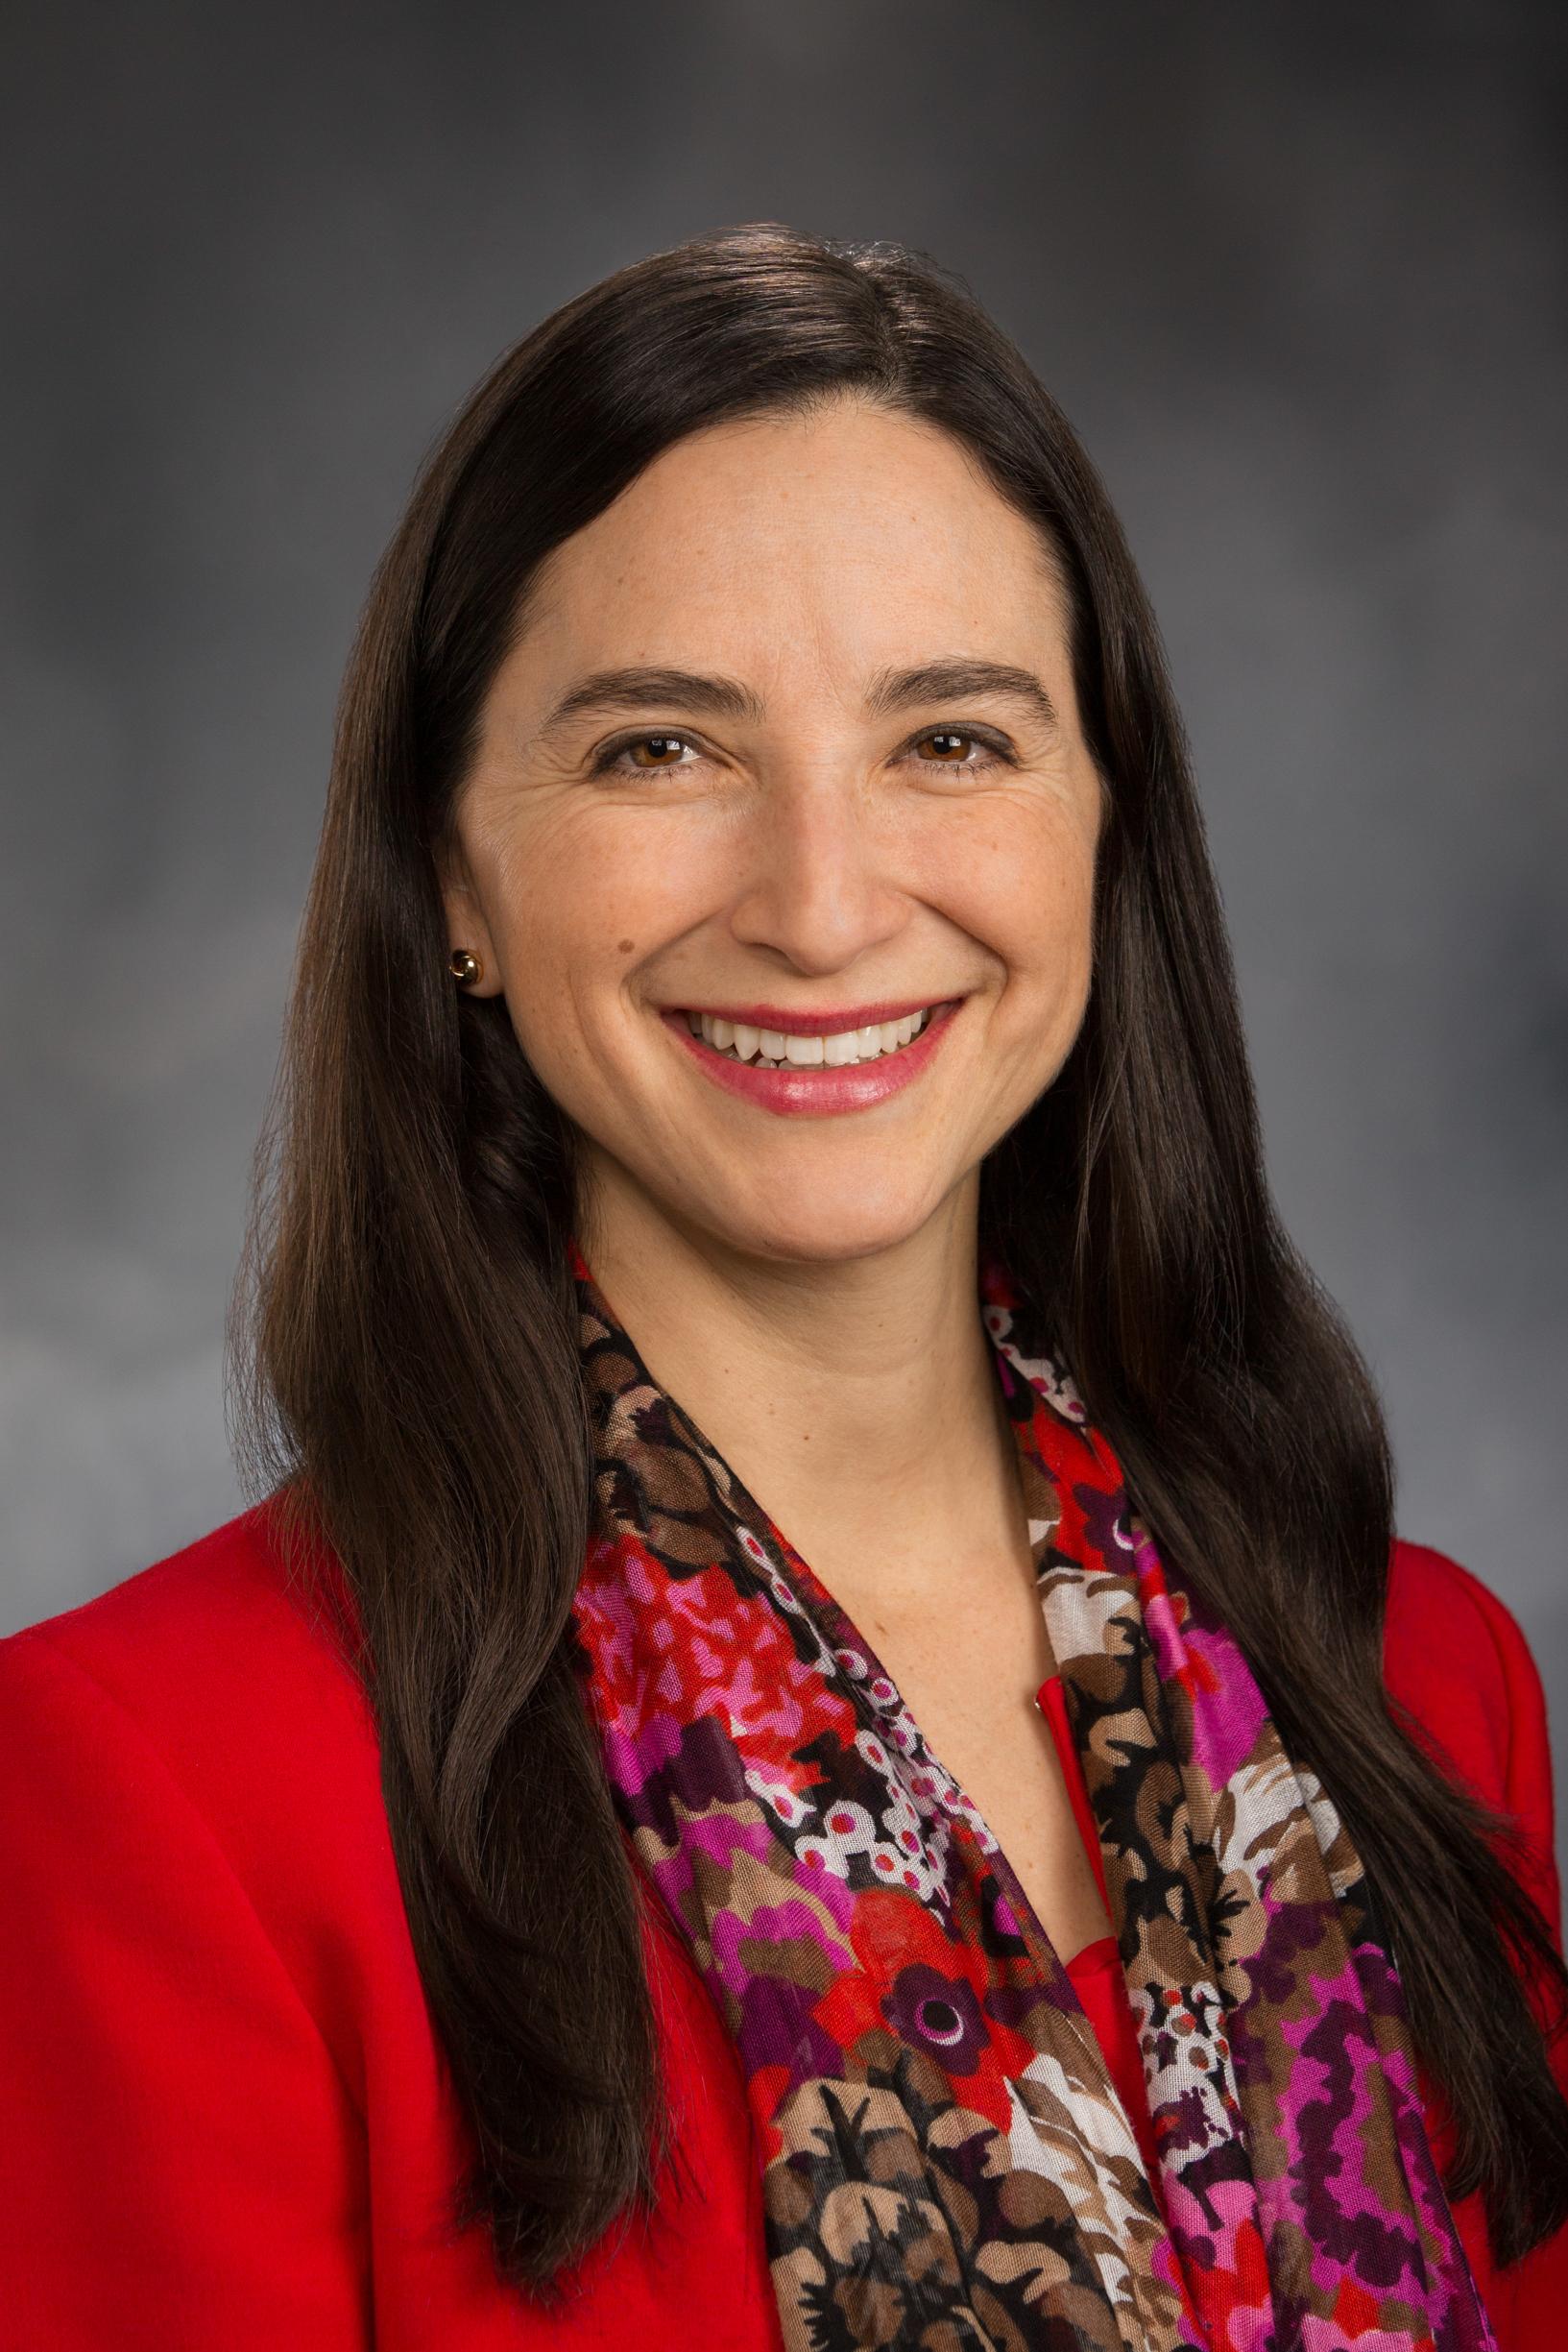 Rep. Rebecca Saldaña